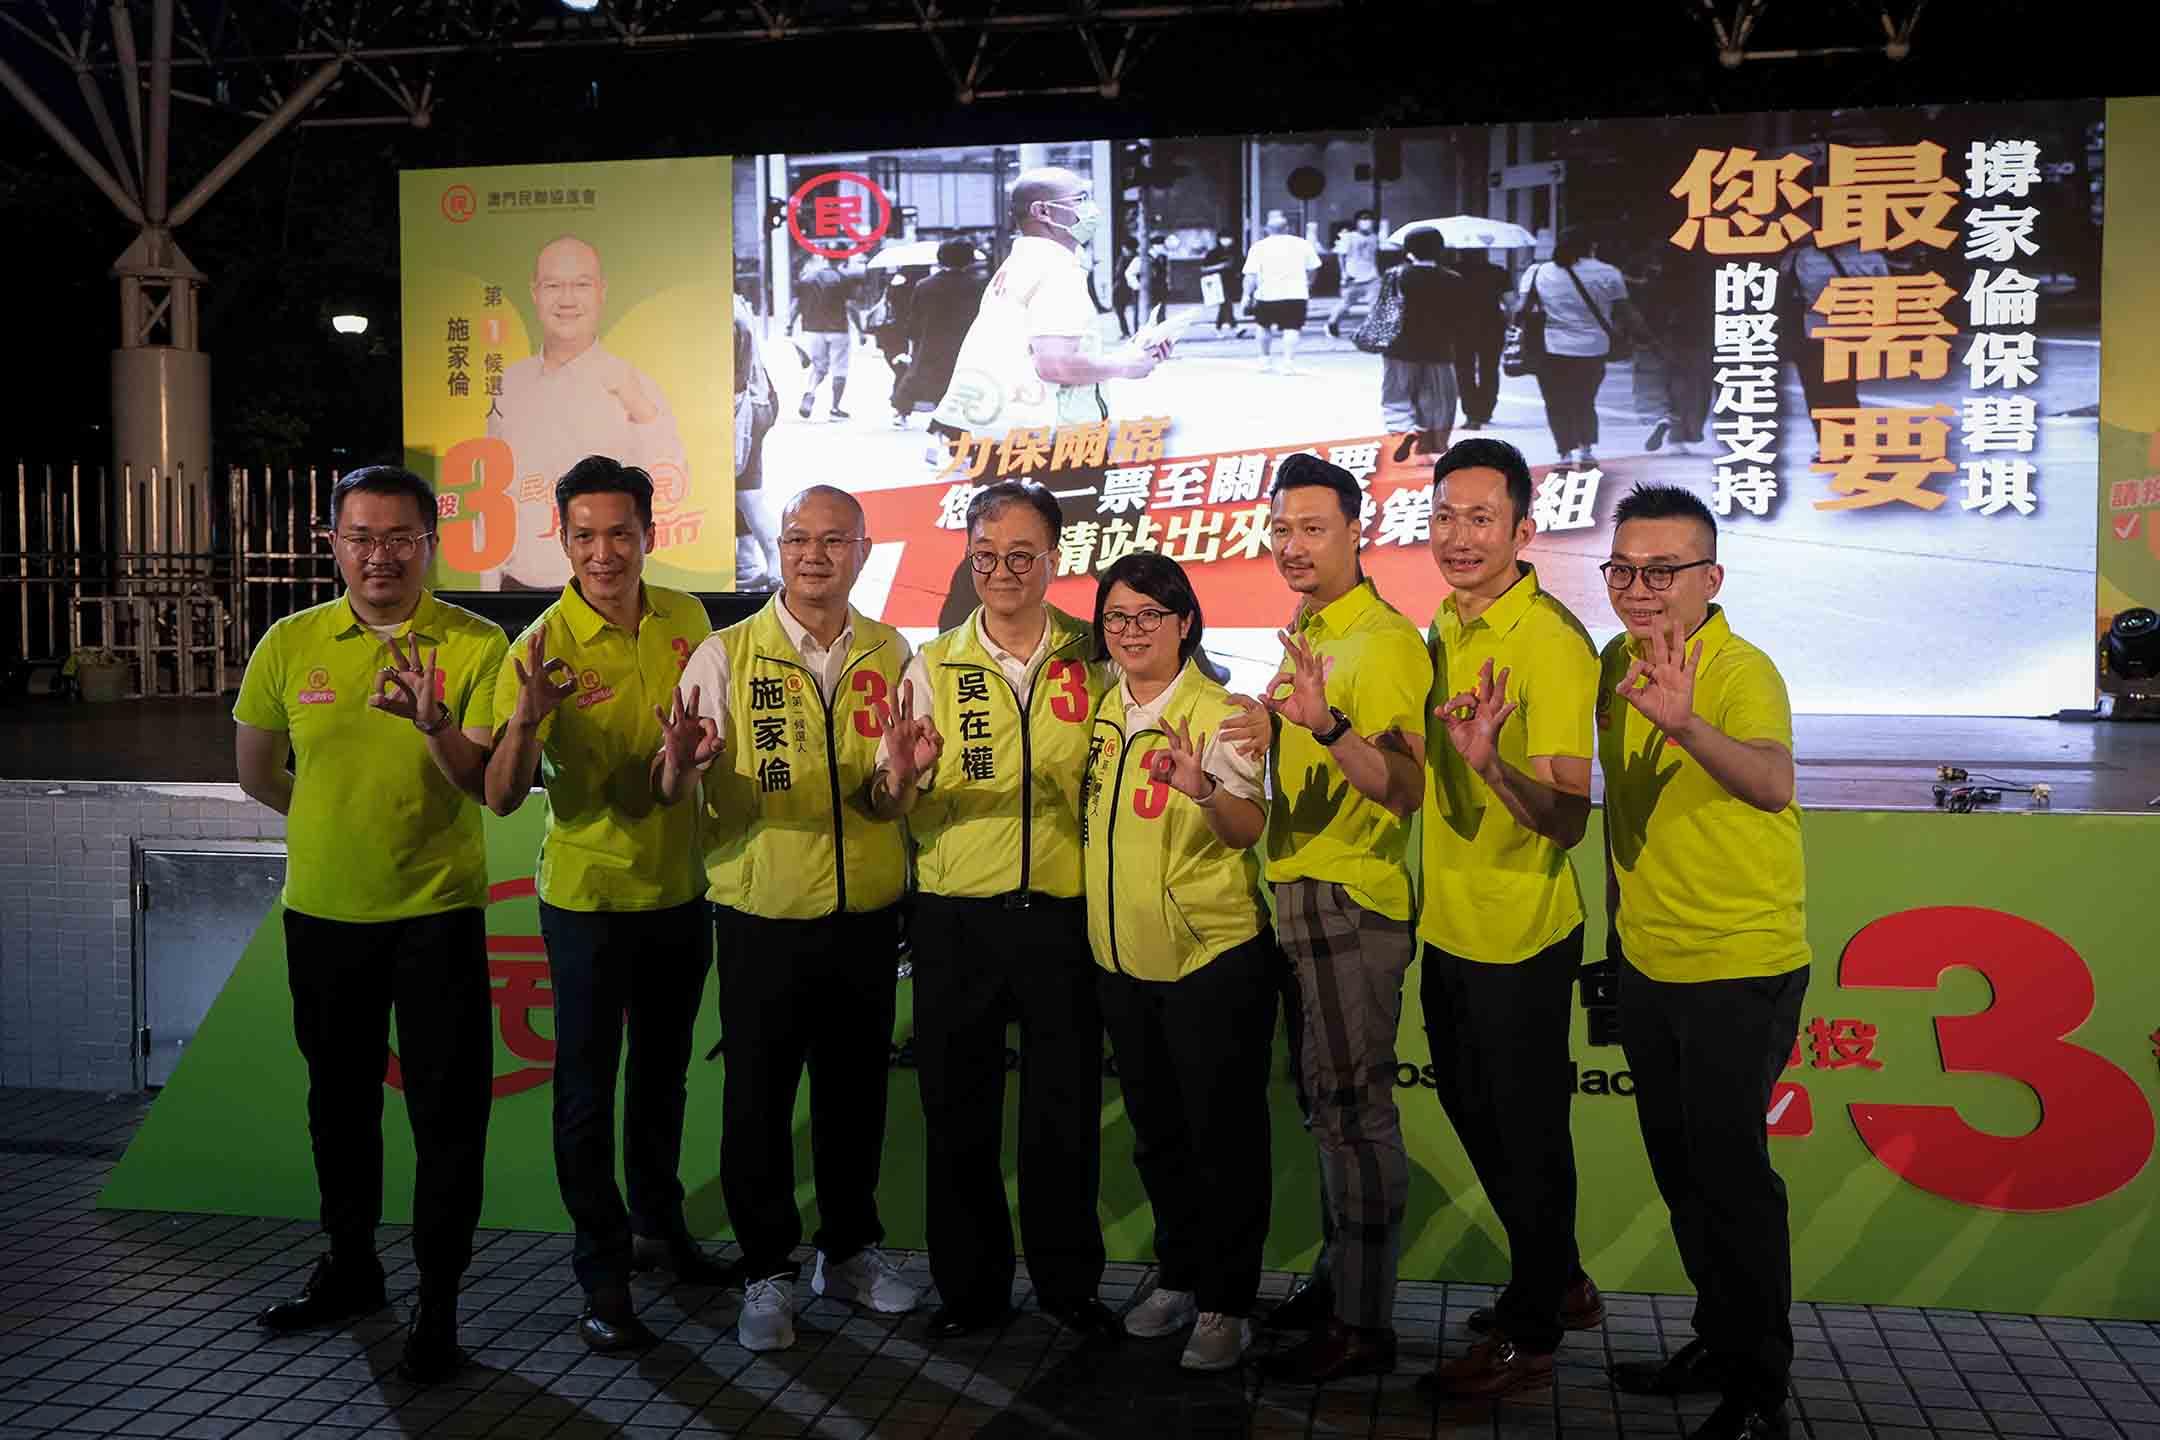 代表福建鄉親勢力的澳門民聯協進會第一候選人施家倫(左三)、第二人候選人宋碧琪(左五)出席競選活動。